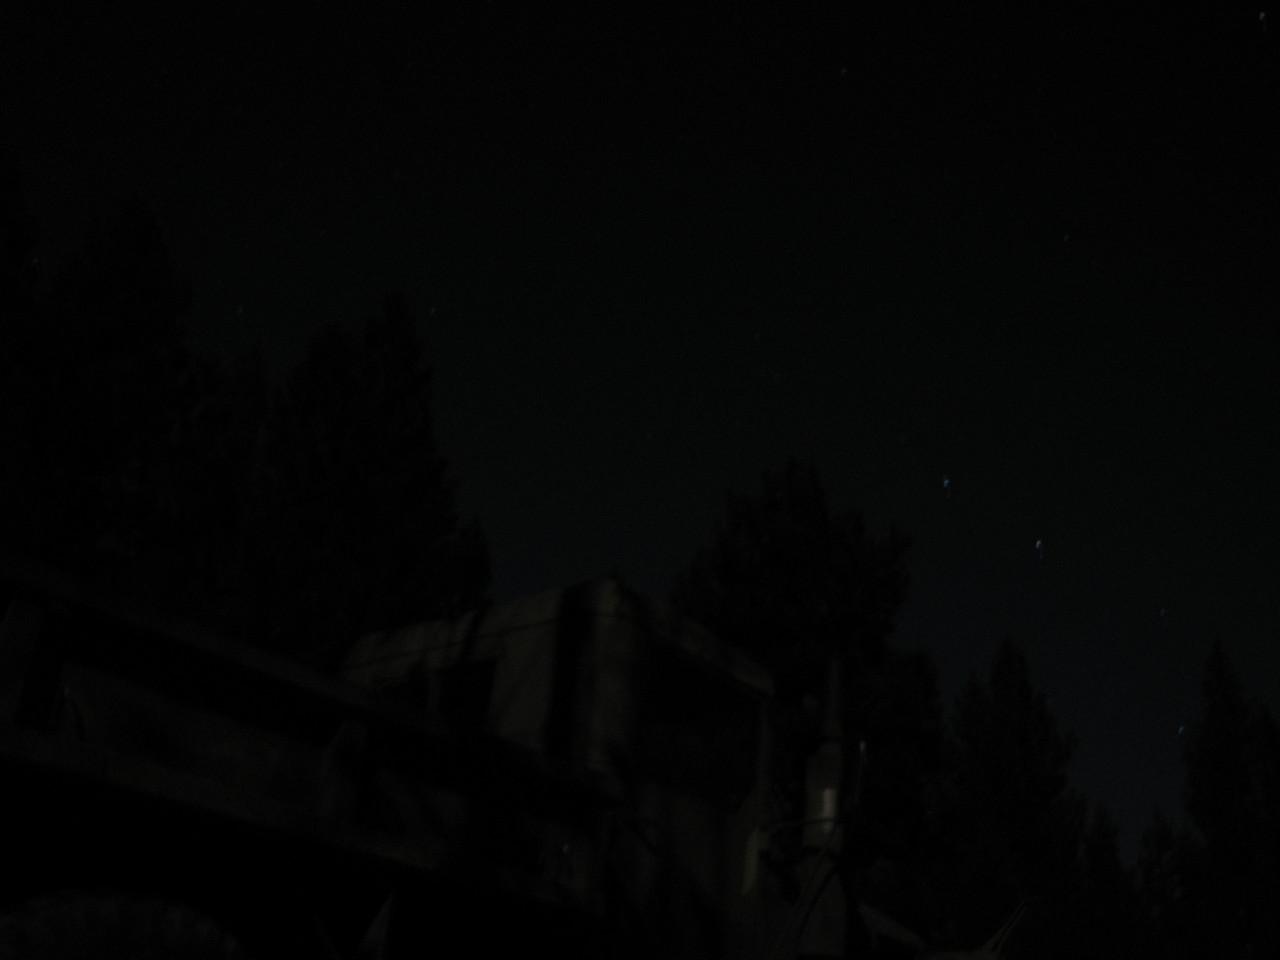 Lances_Roof-117